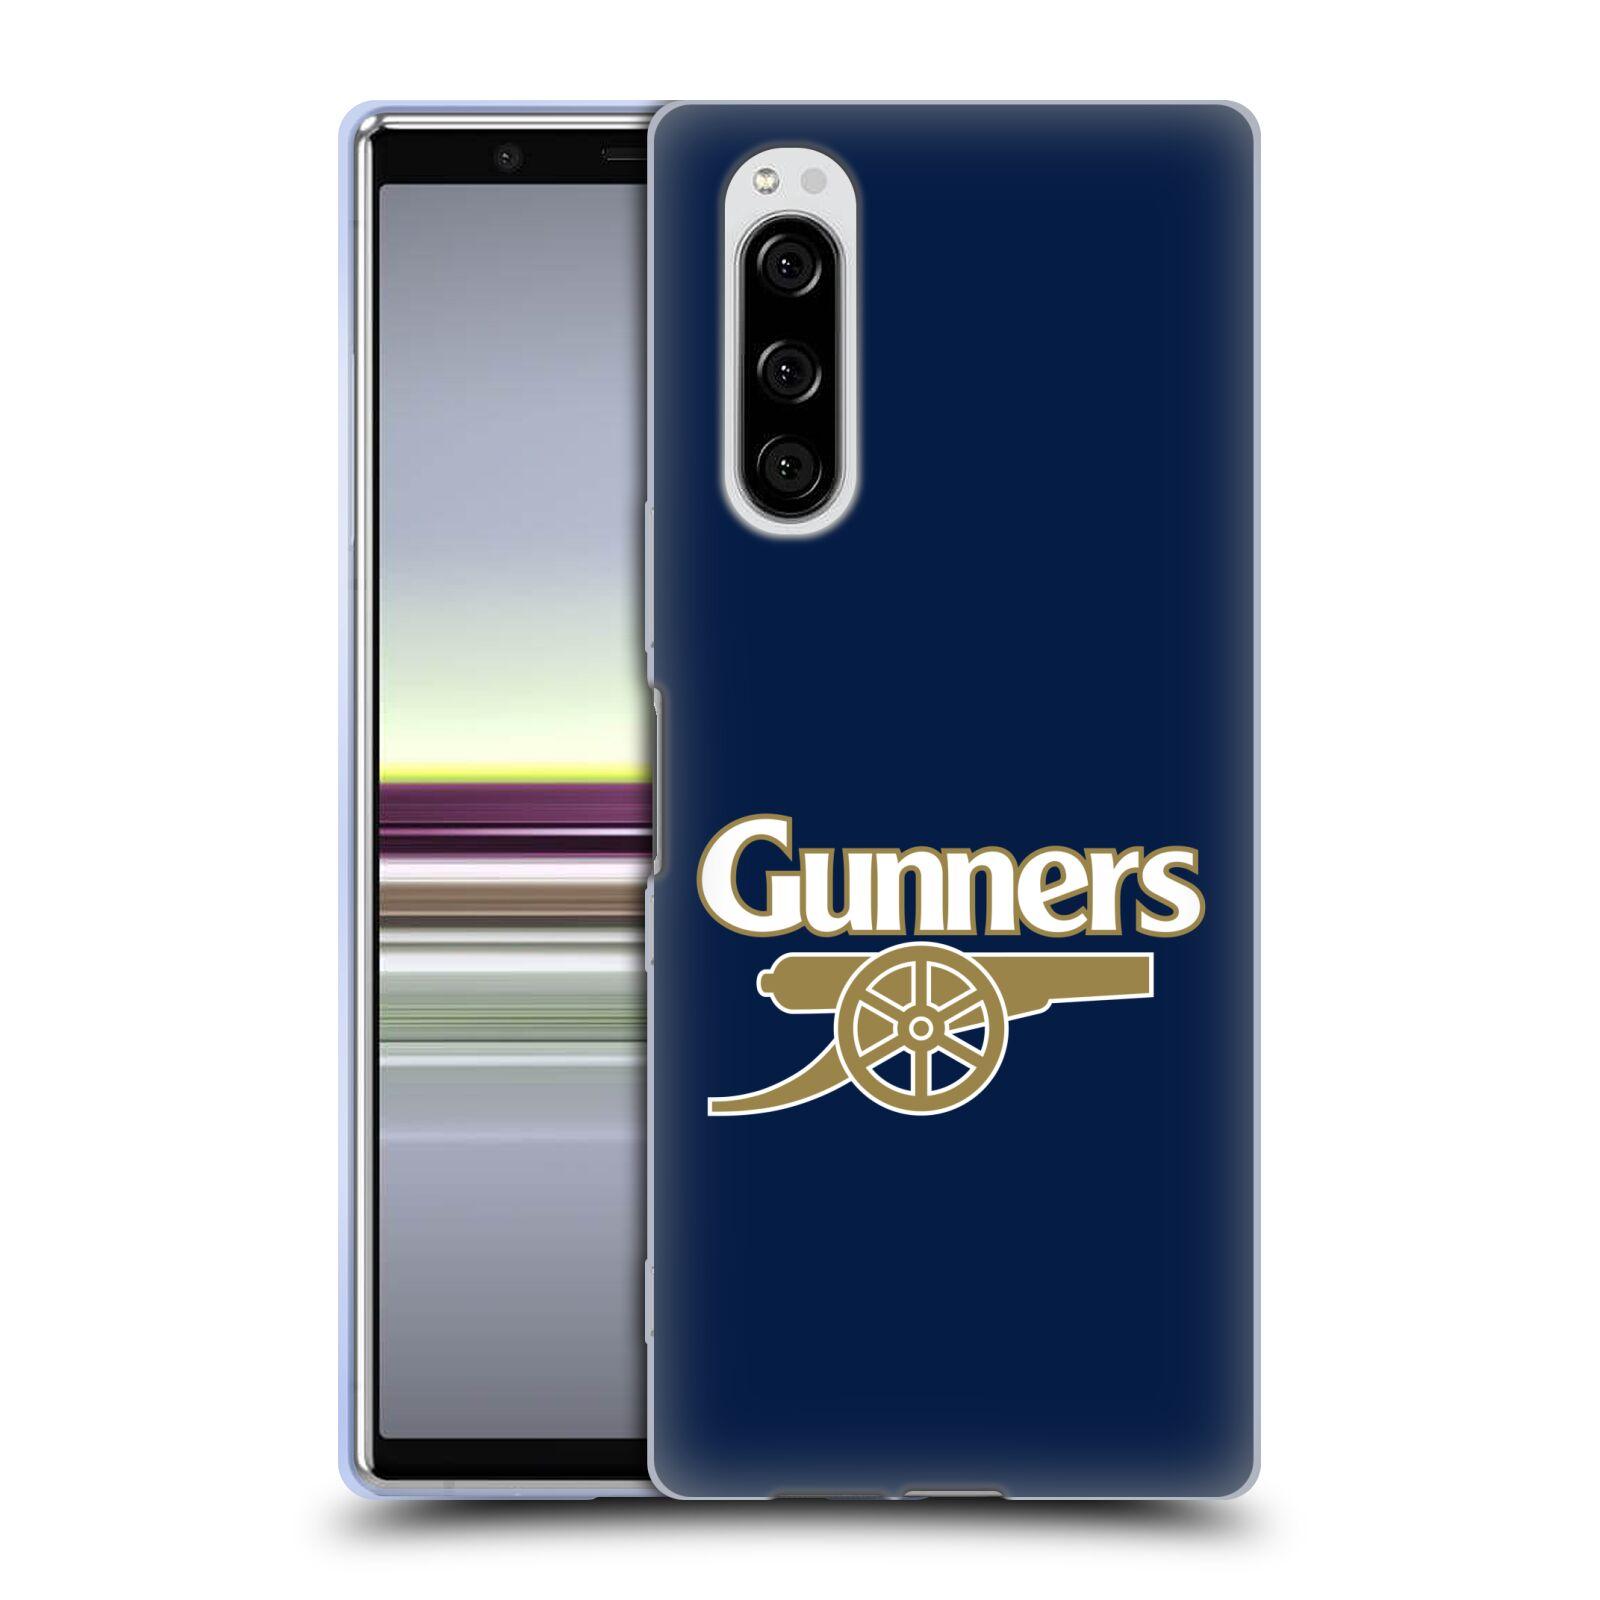 Silikonové pouzdro na mobil Sony Xperia 5 - Head Case - Arsenal FC - Gunners